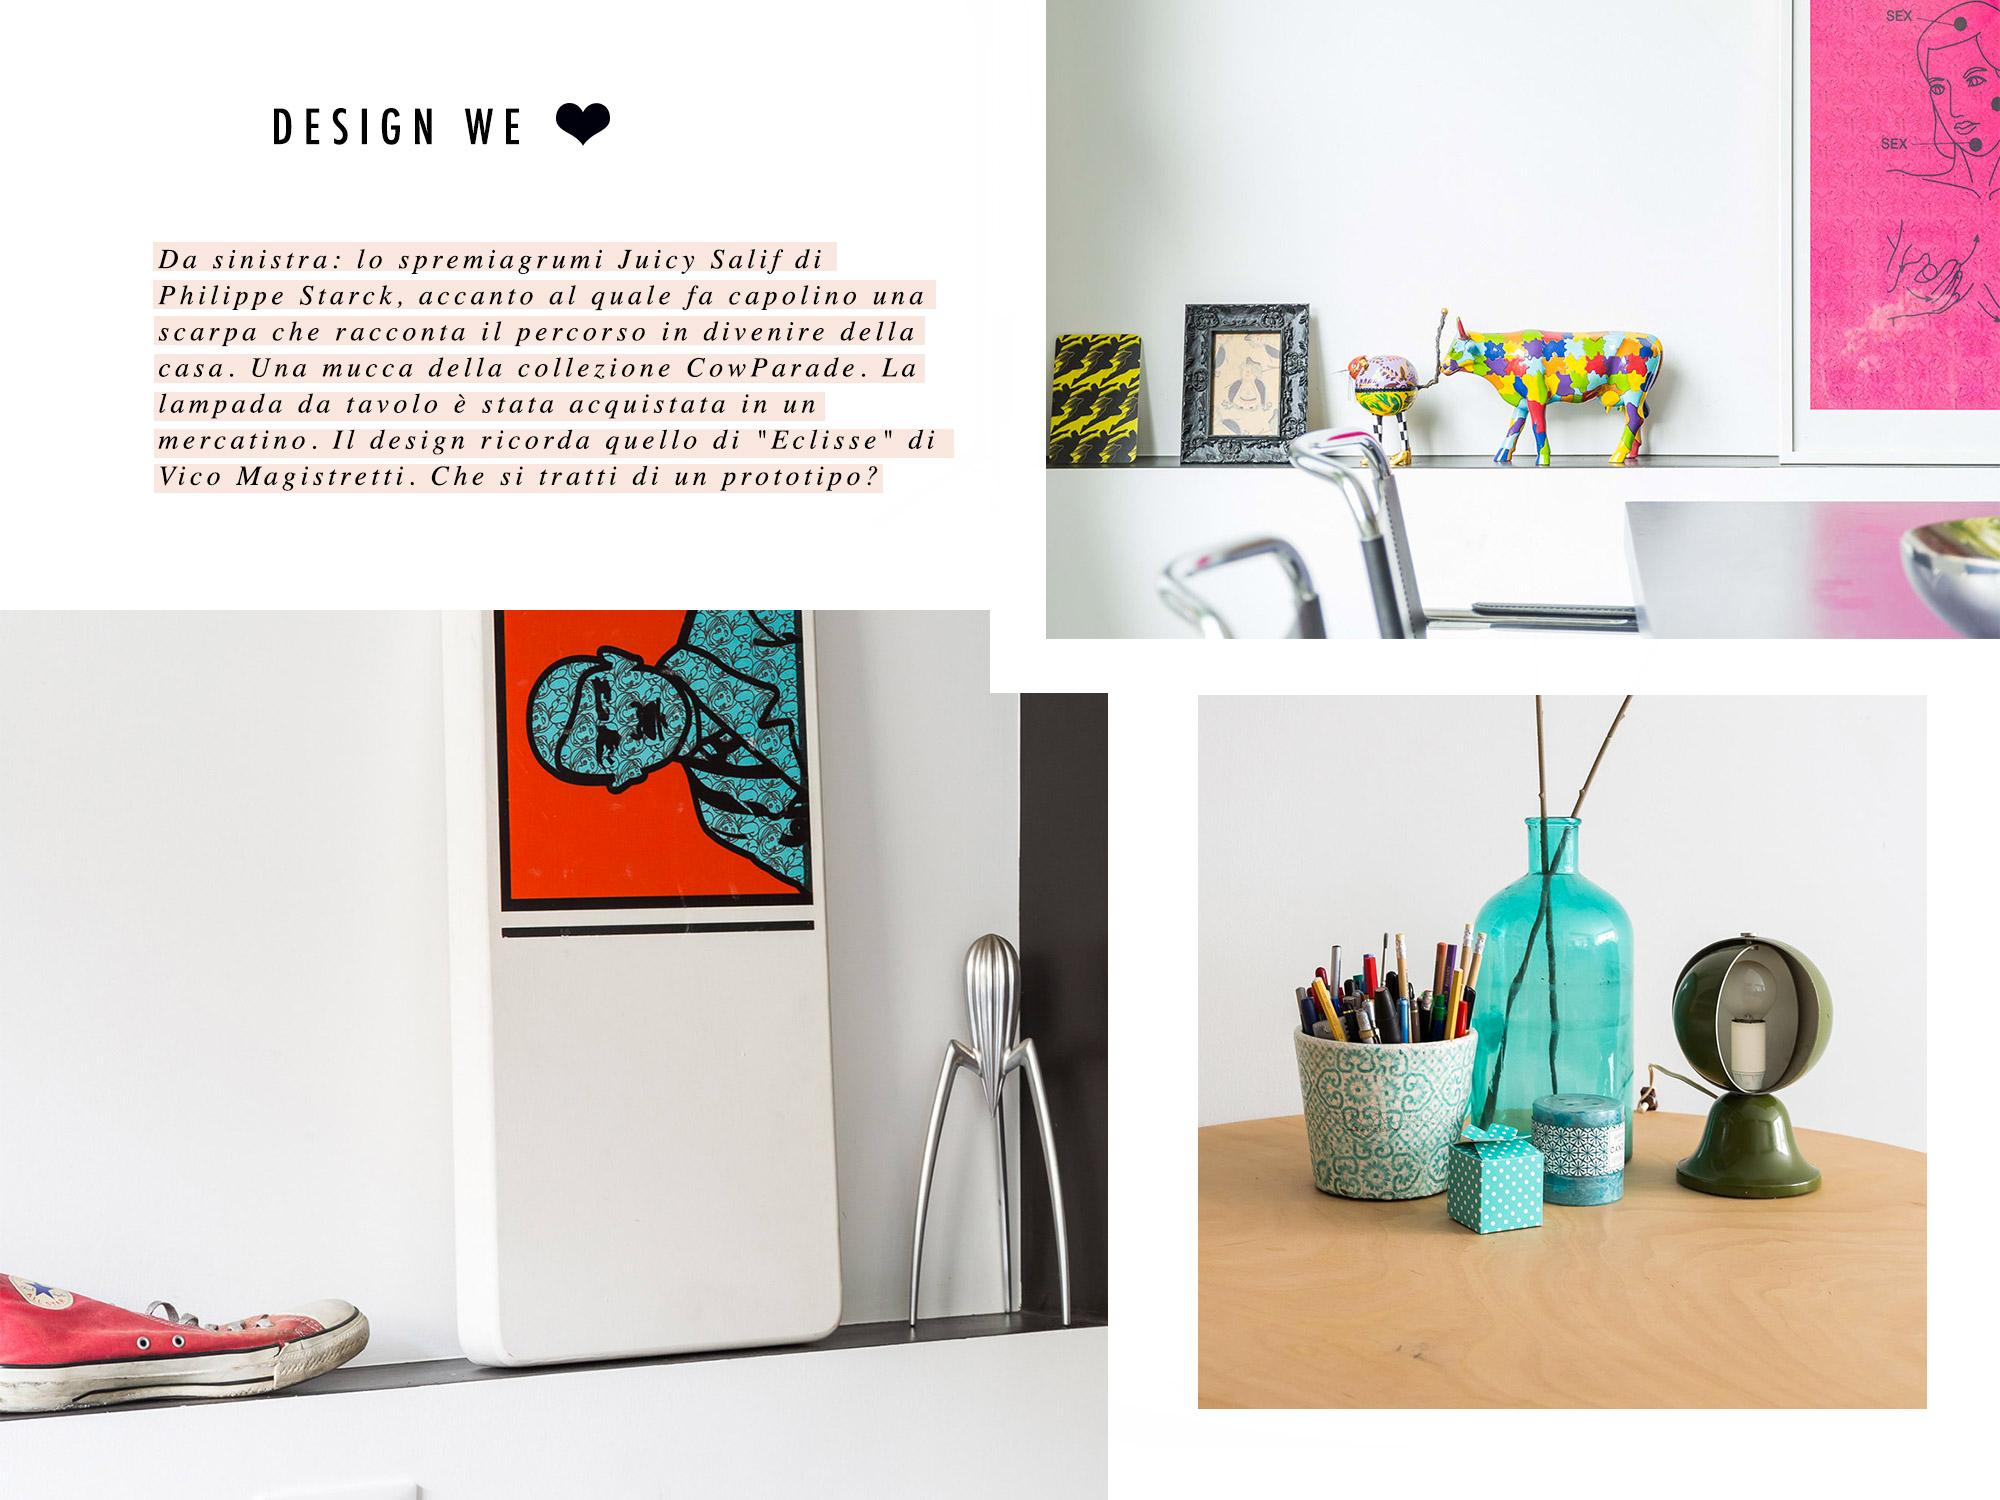 Casa Rustica Industrial, Casa, Design, Rustico, Industrial, Stefania Micotti, Matteo Dall'Amico